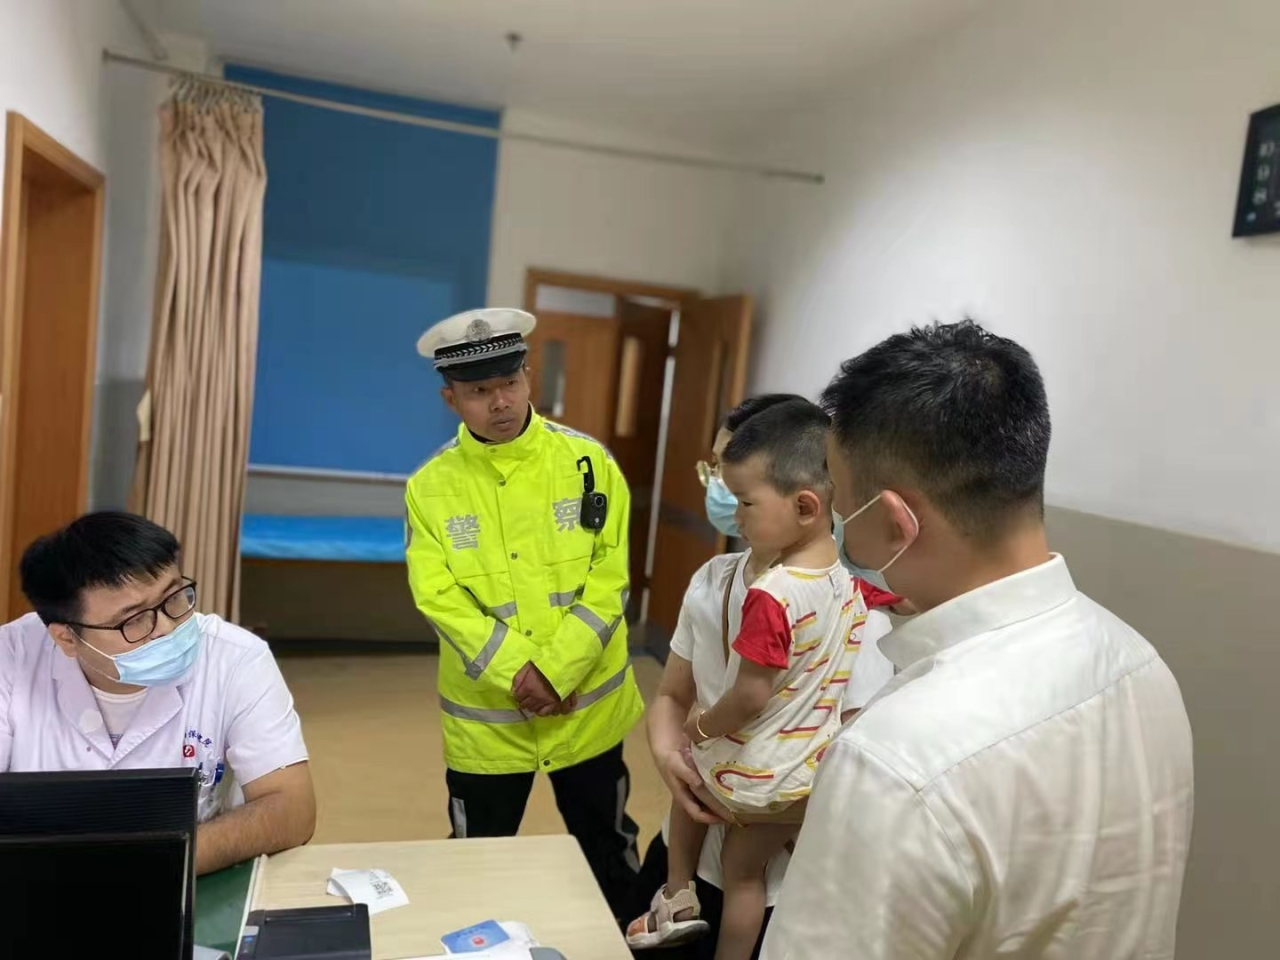 台风夜幼童受伤急需送医 舟山高速交警暖心护送